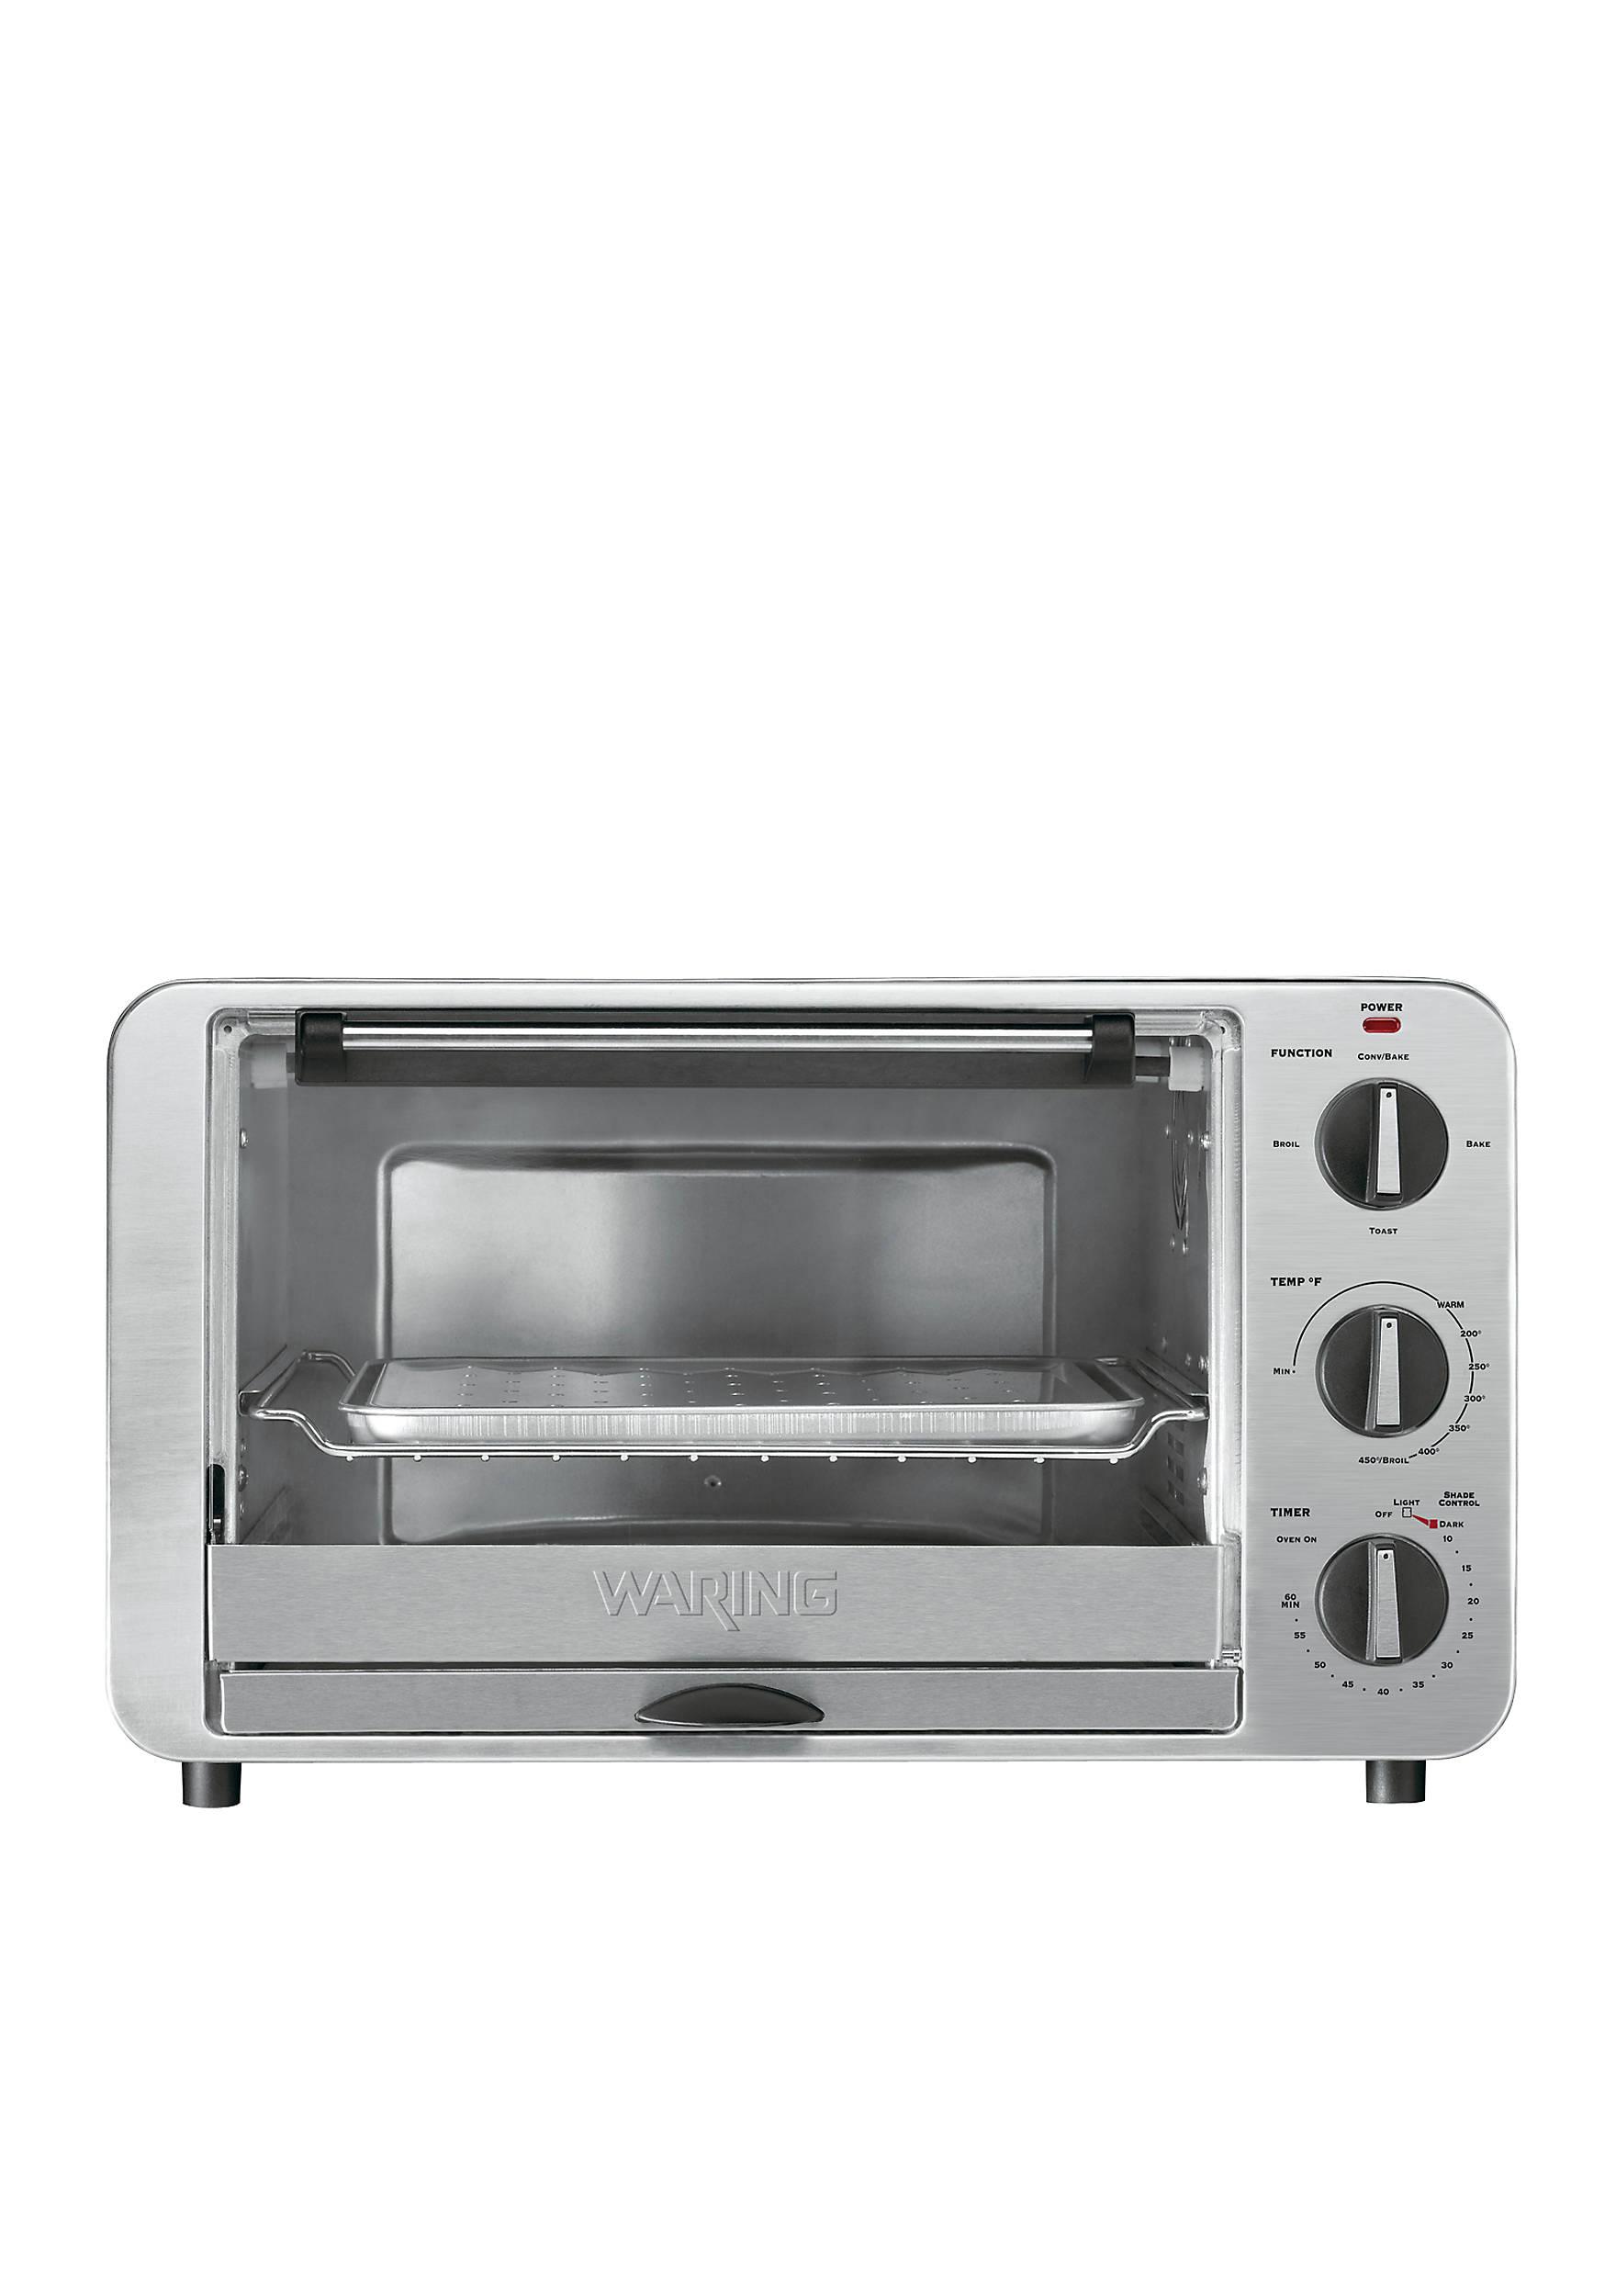 tv video waring commercial oven toaster webstaurantstore